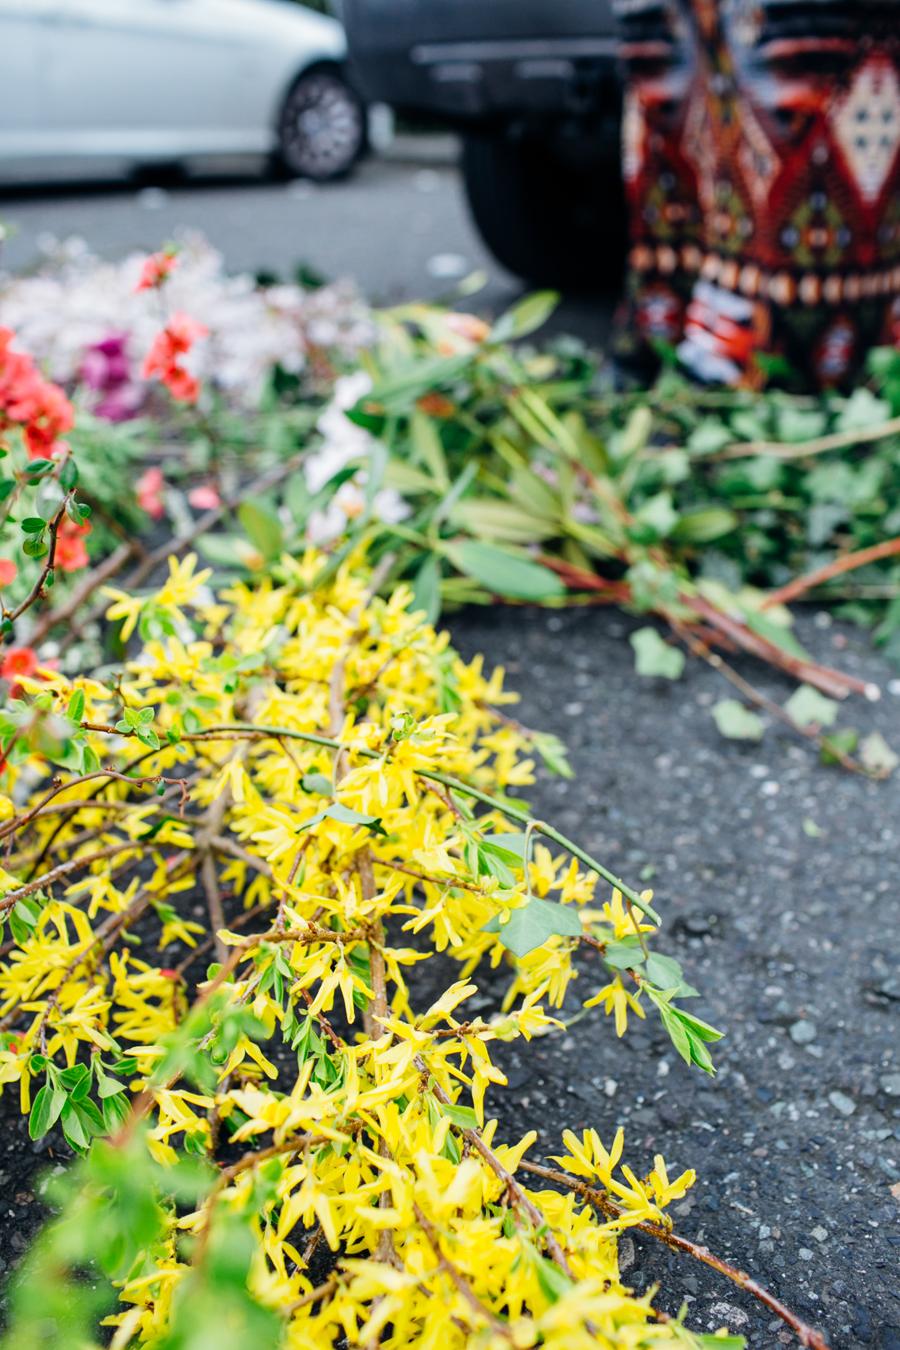 005-bellingham-stylized-flower-photographer-photo-pozie-by-natalie.jpg